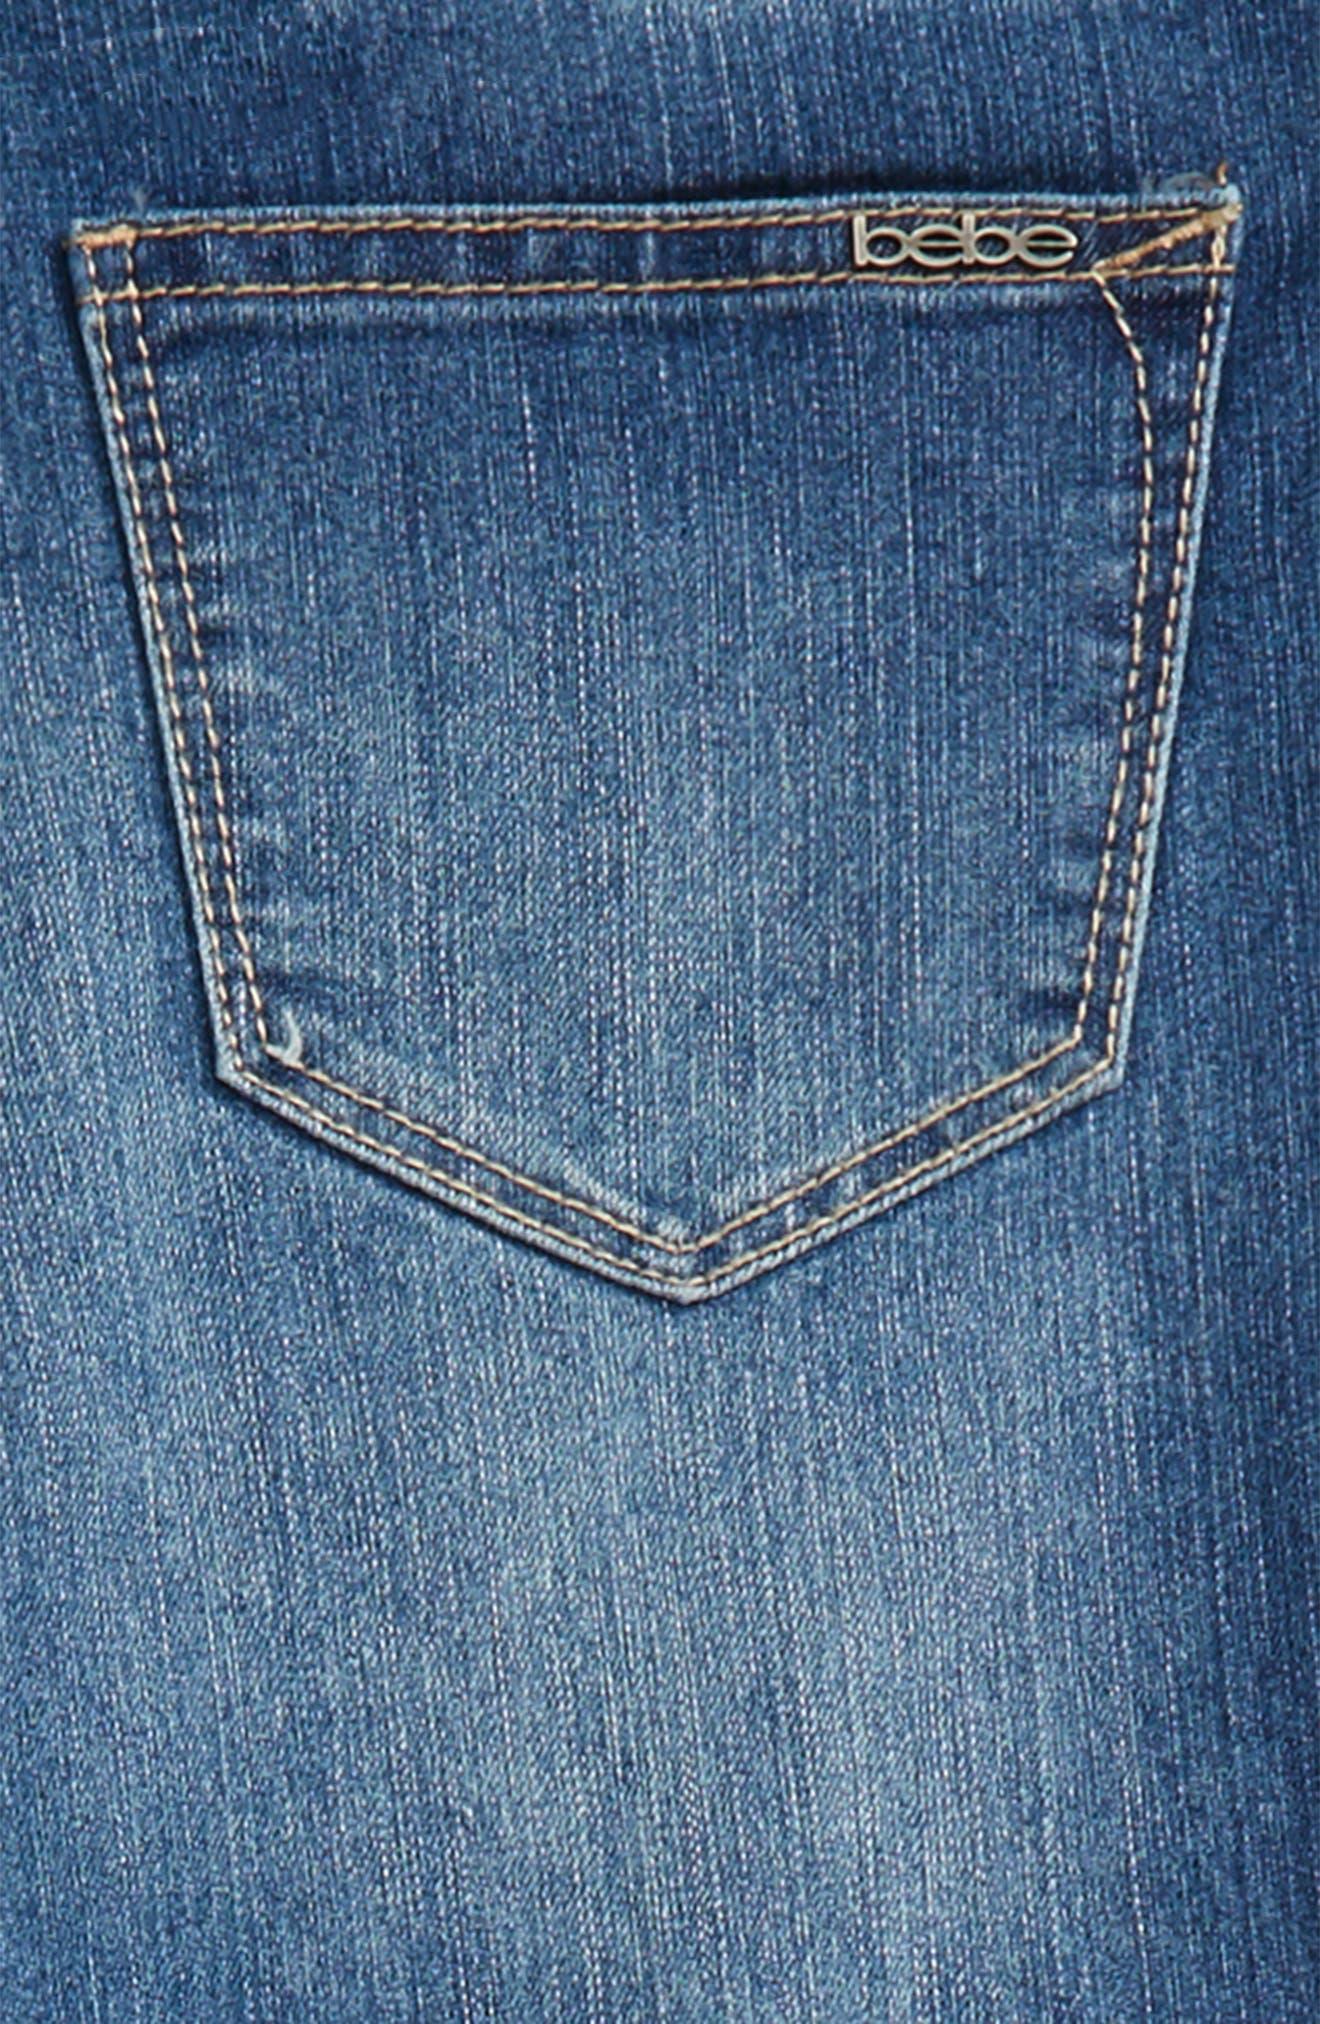 Fringe Jeans,                             Alternate thumbnail 3, color,                             Med Stone